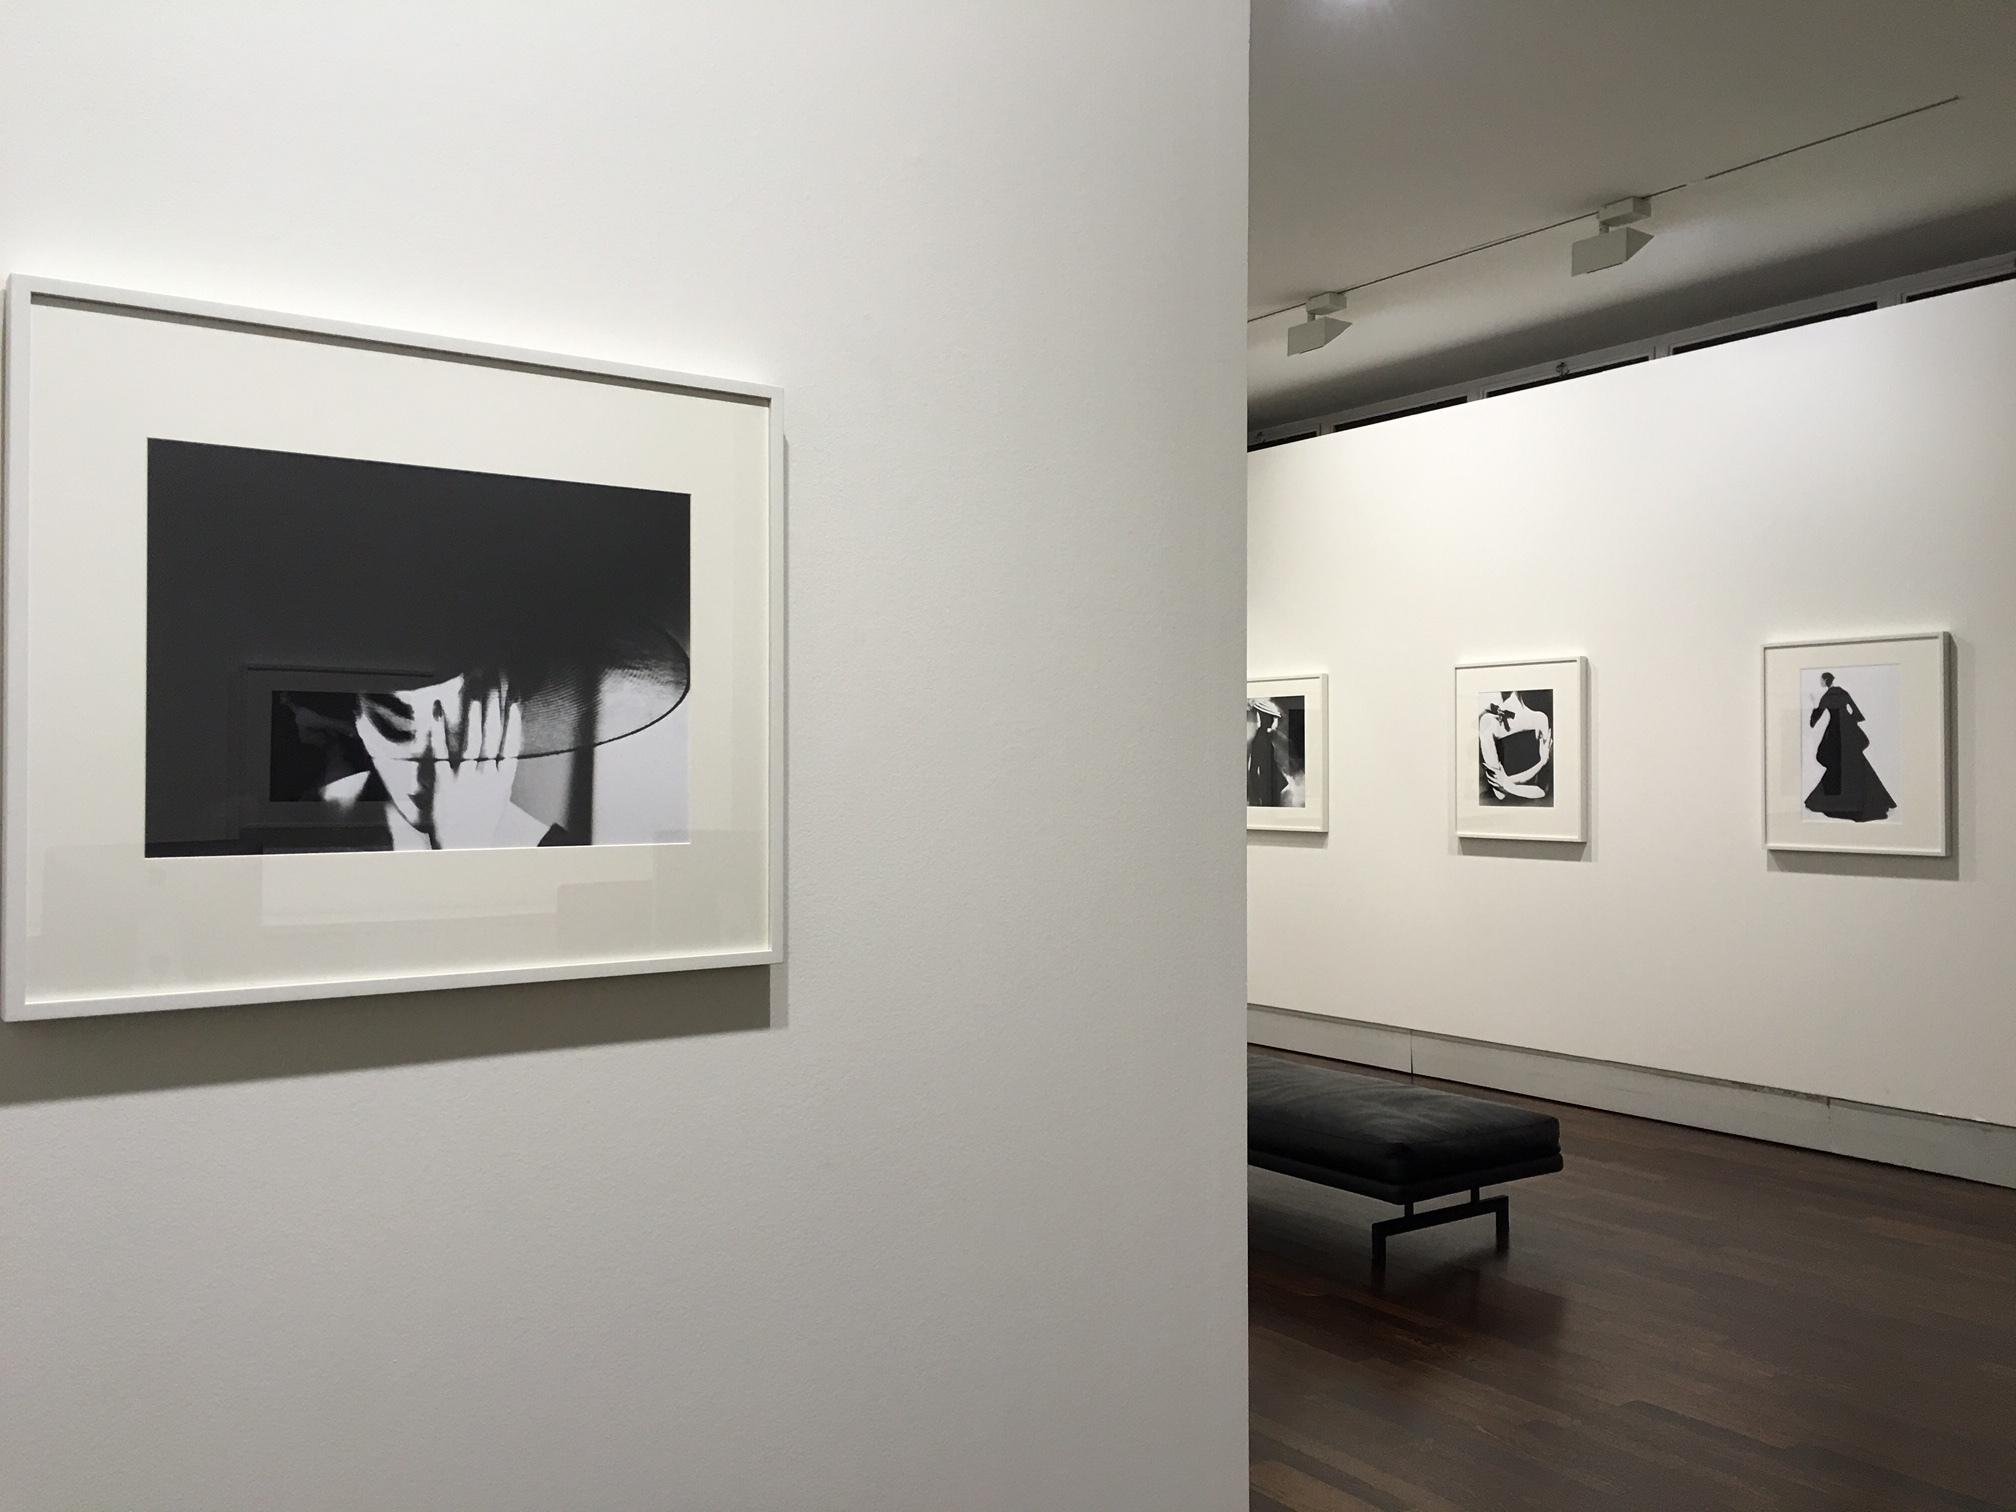 Galerie Edwynn Houk